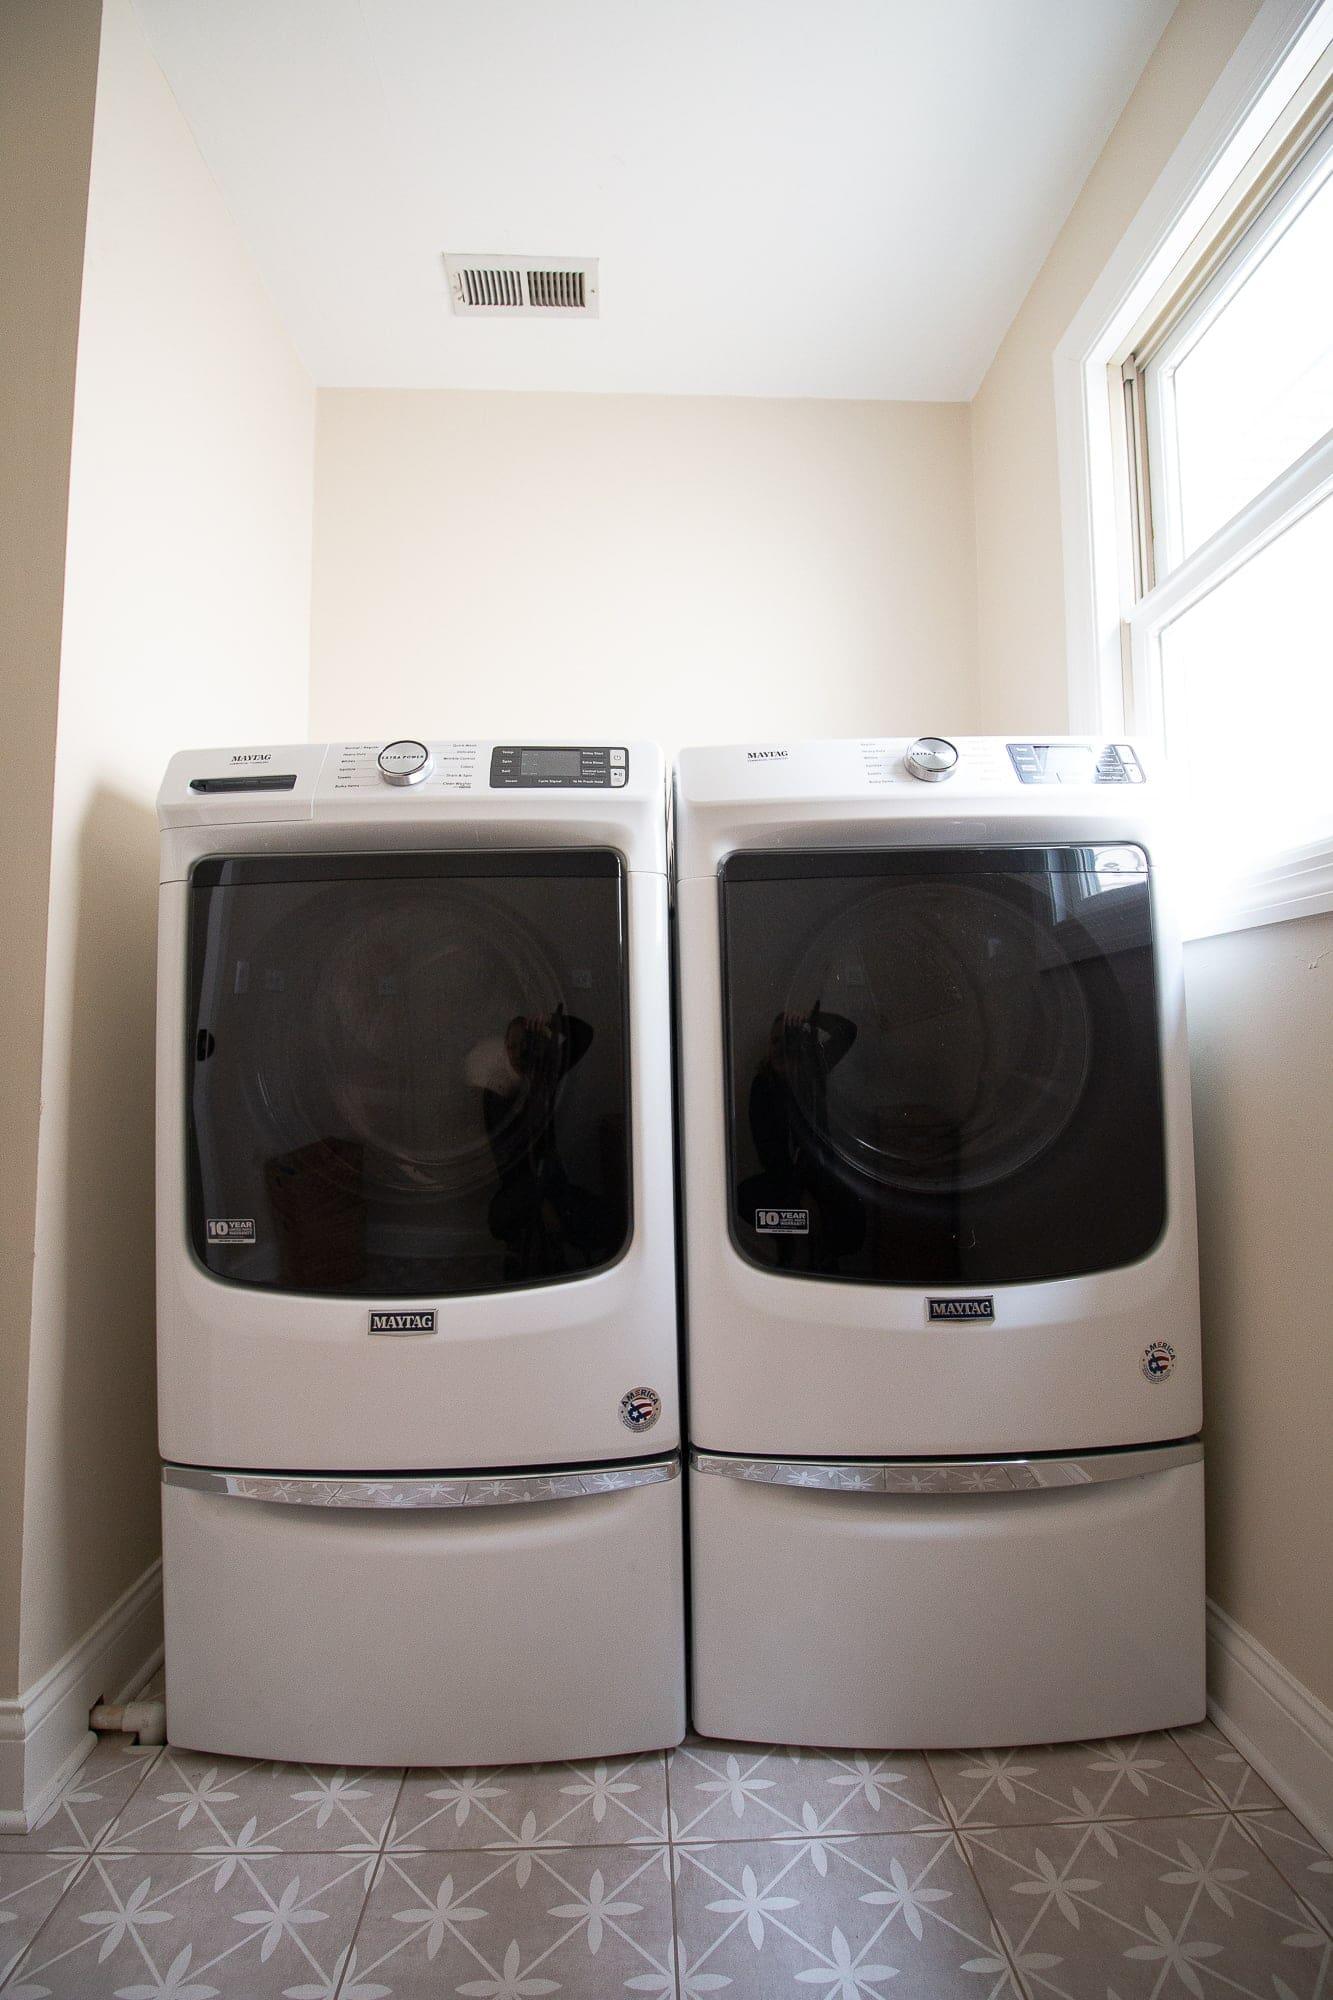 Adding pedestals under our washer and dryer